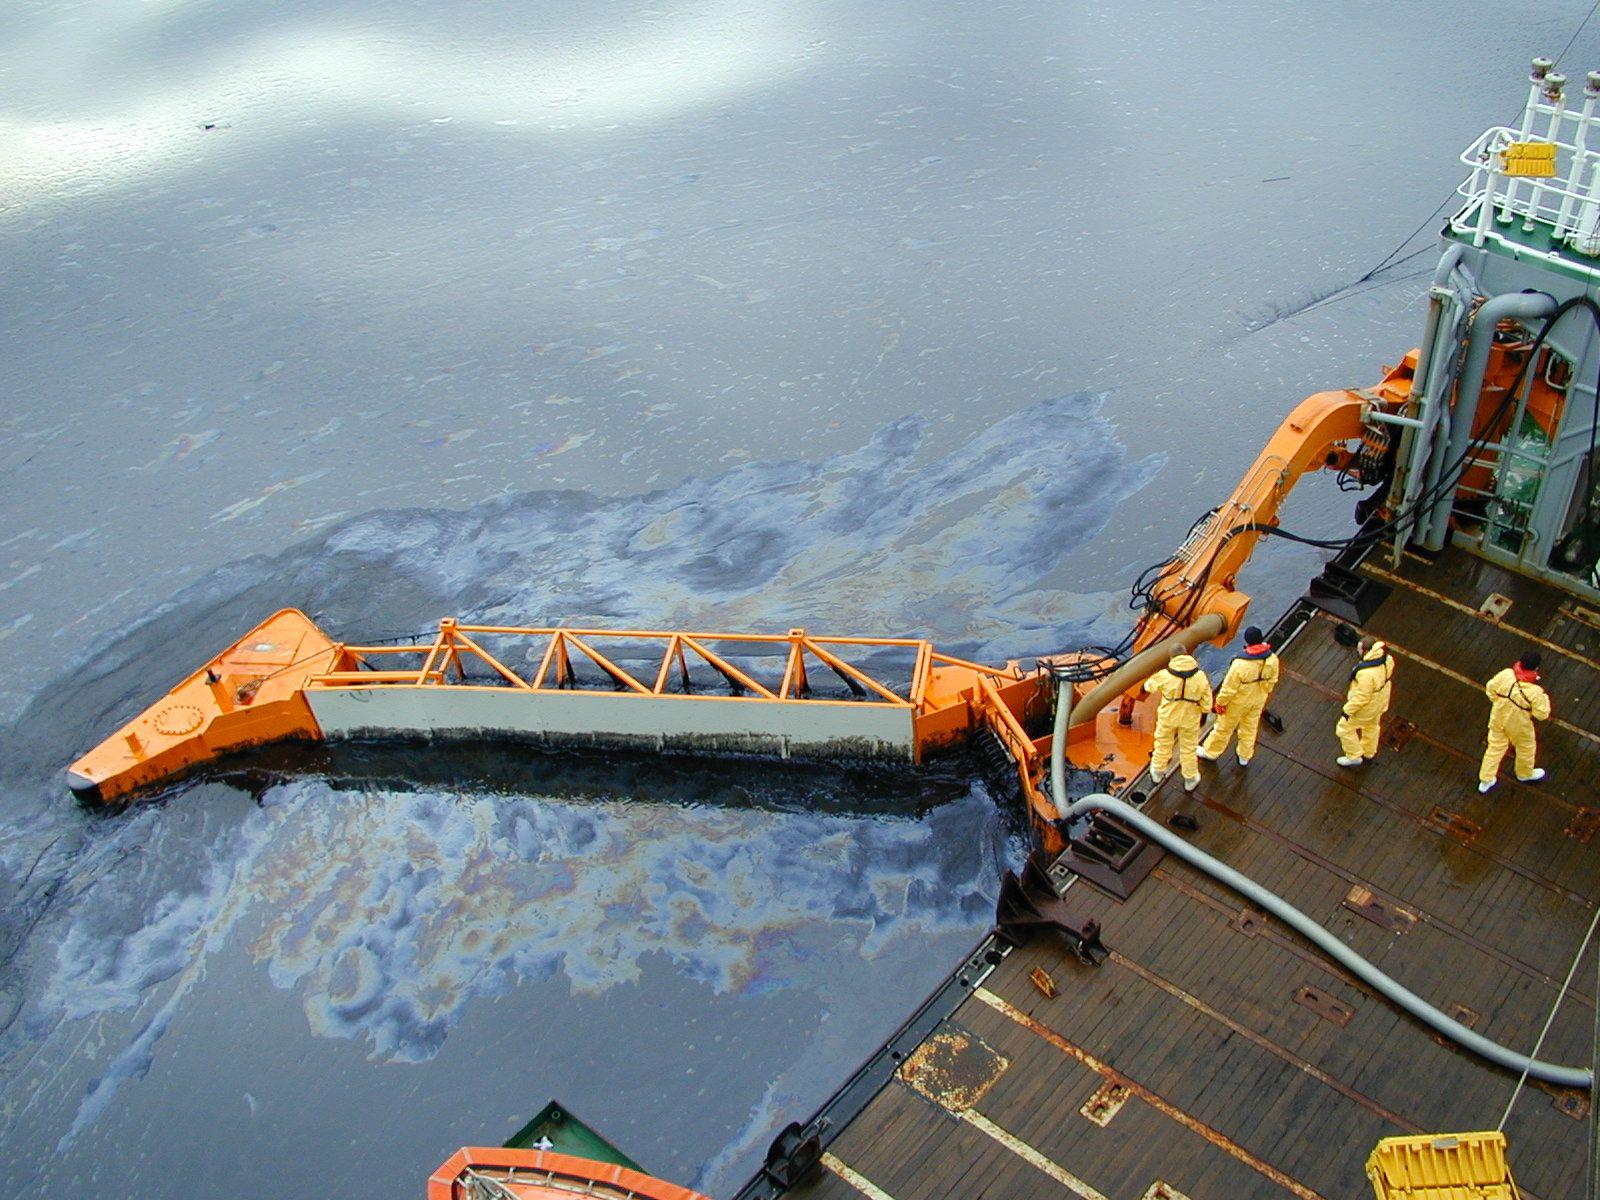 sos môi trường, ứng phó sự cố tràn dầu bà hóa chất, ứng phó sự cố môi trường, an toàn môi trường